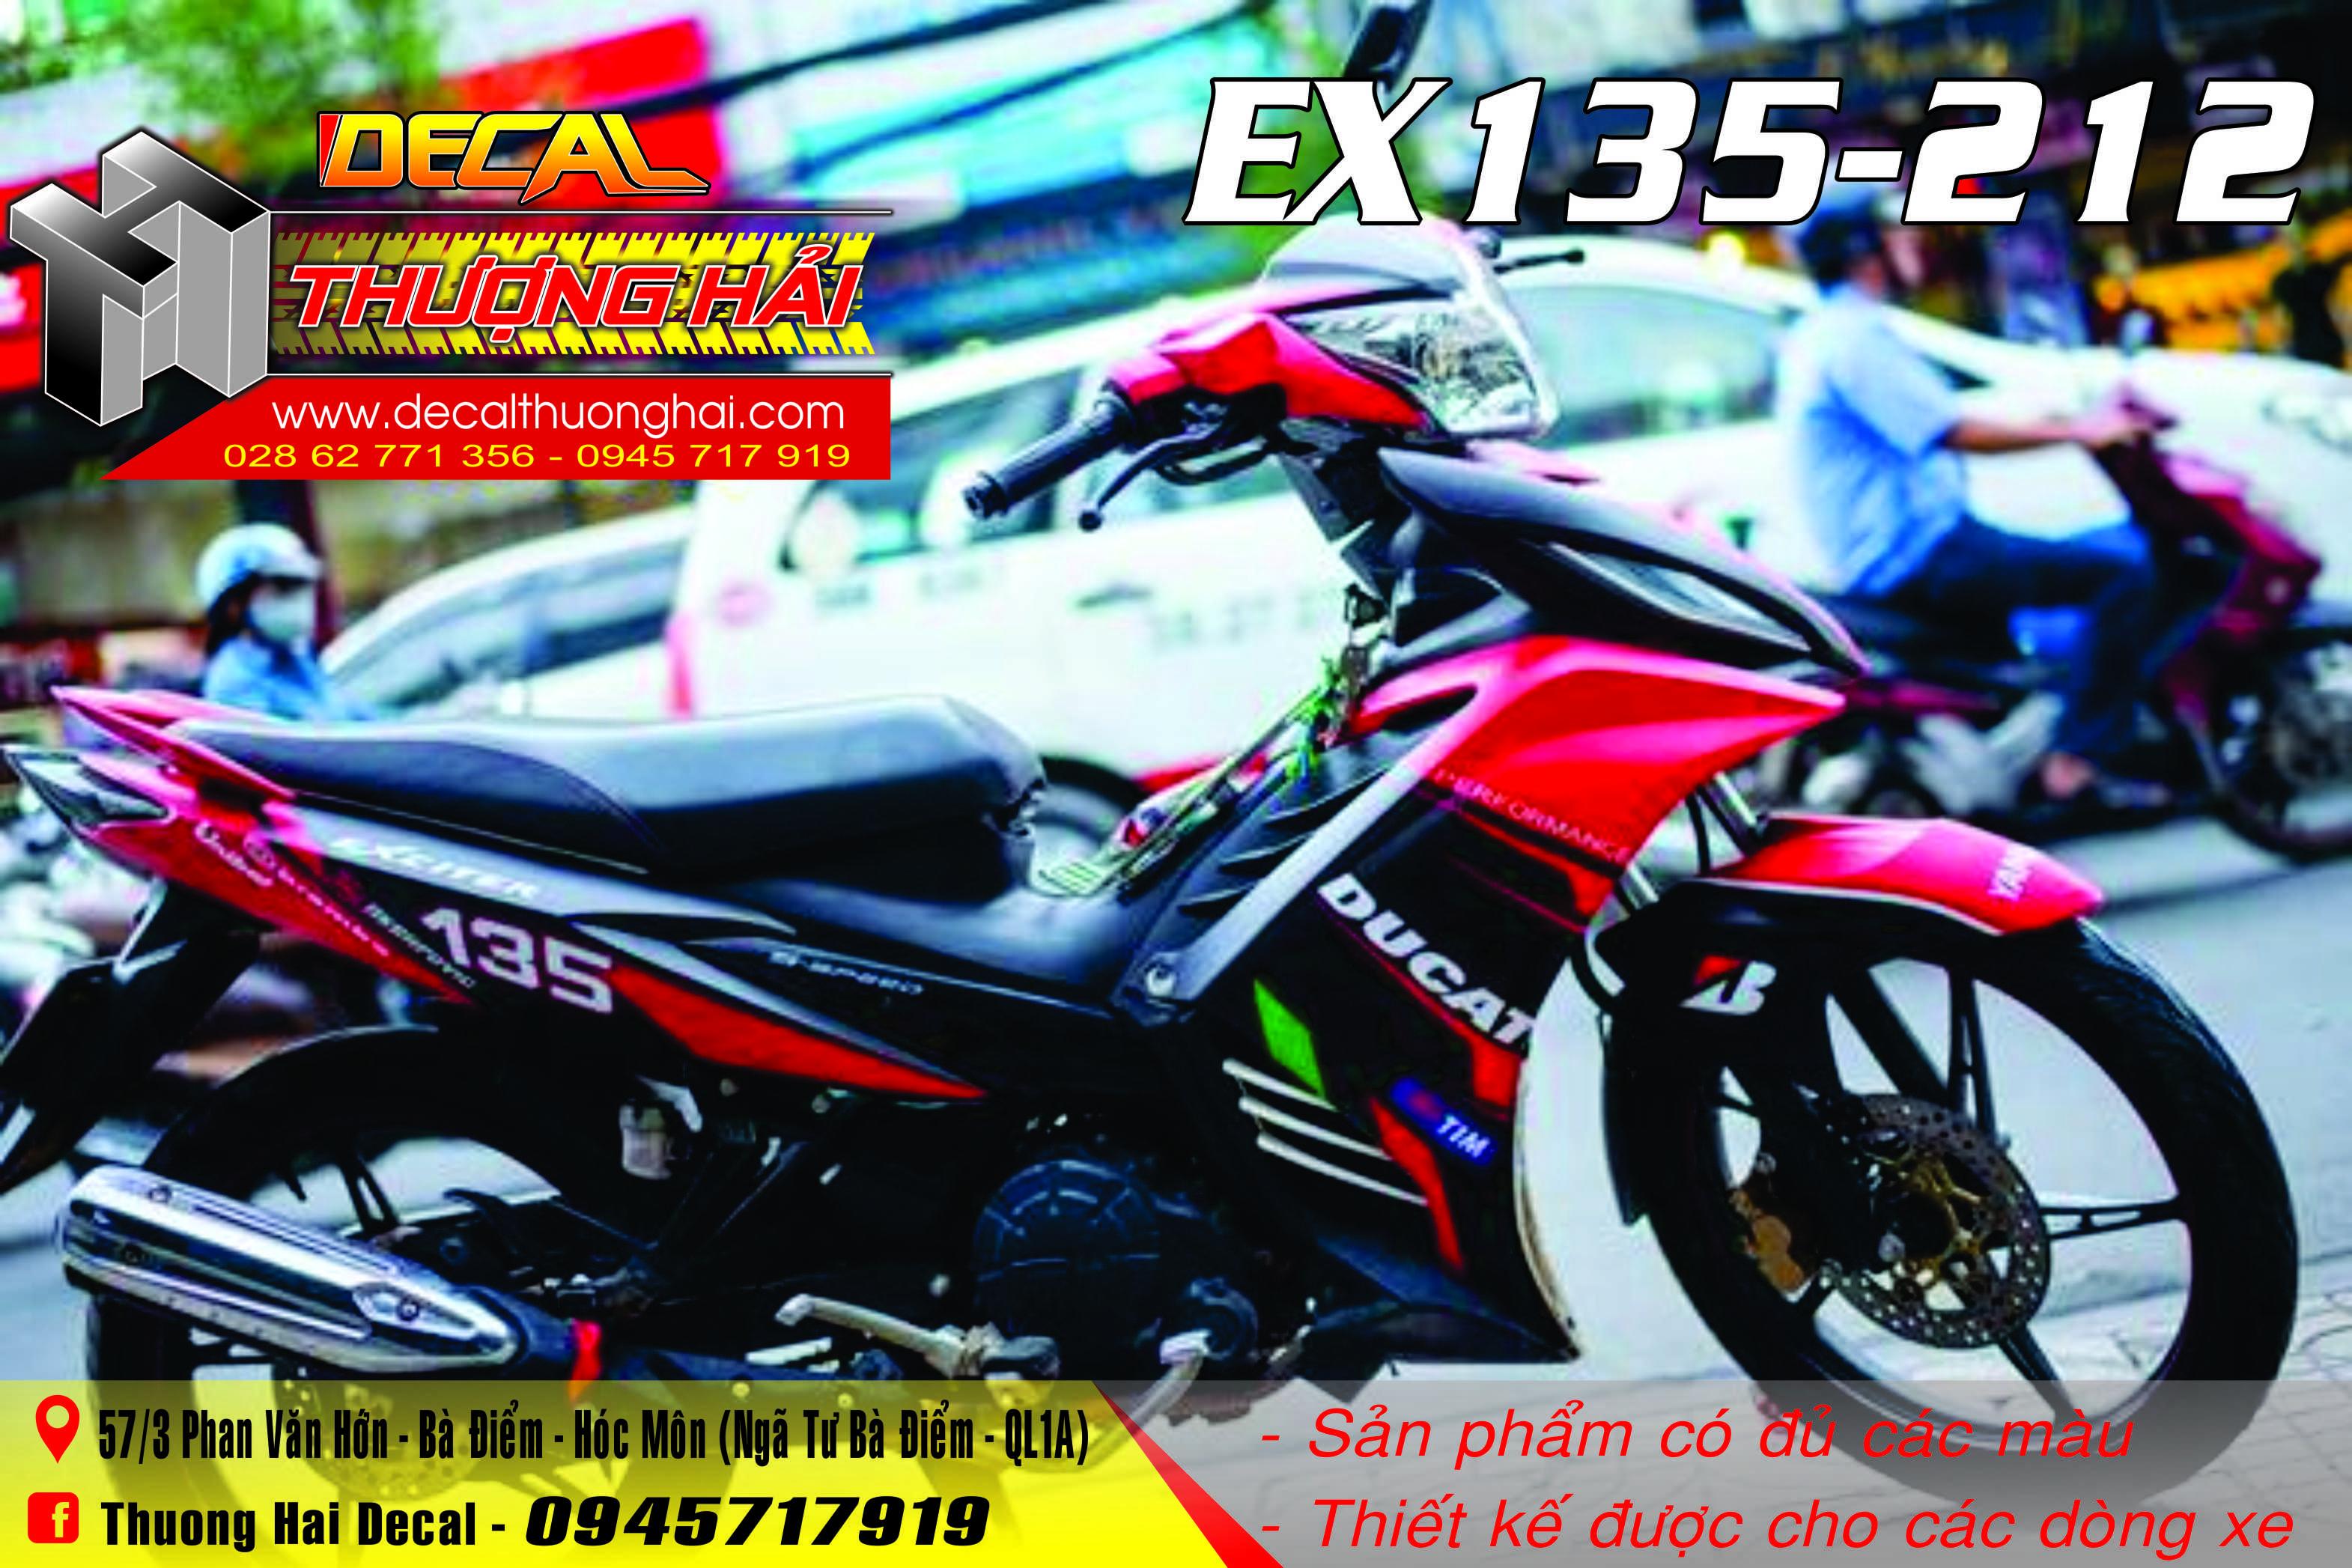 Tem Trùm Exciter 135 Đỏ Đen Ducati - 212